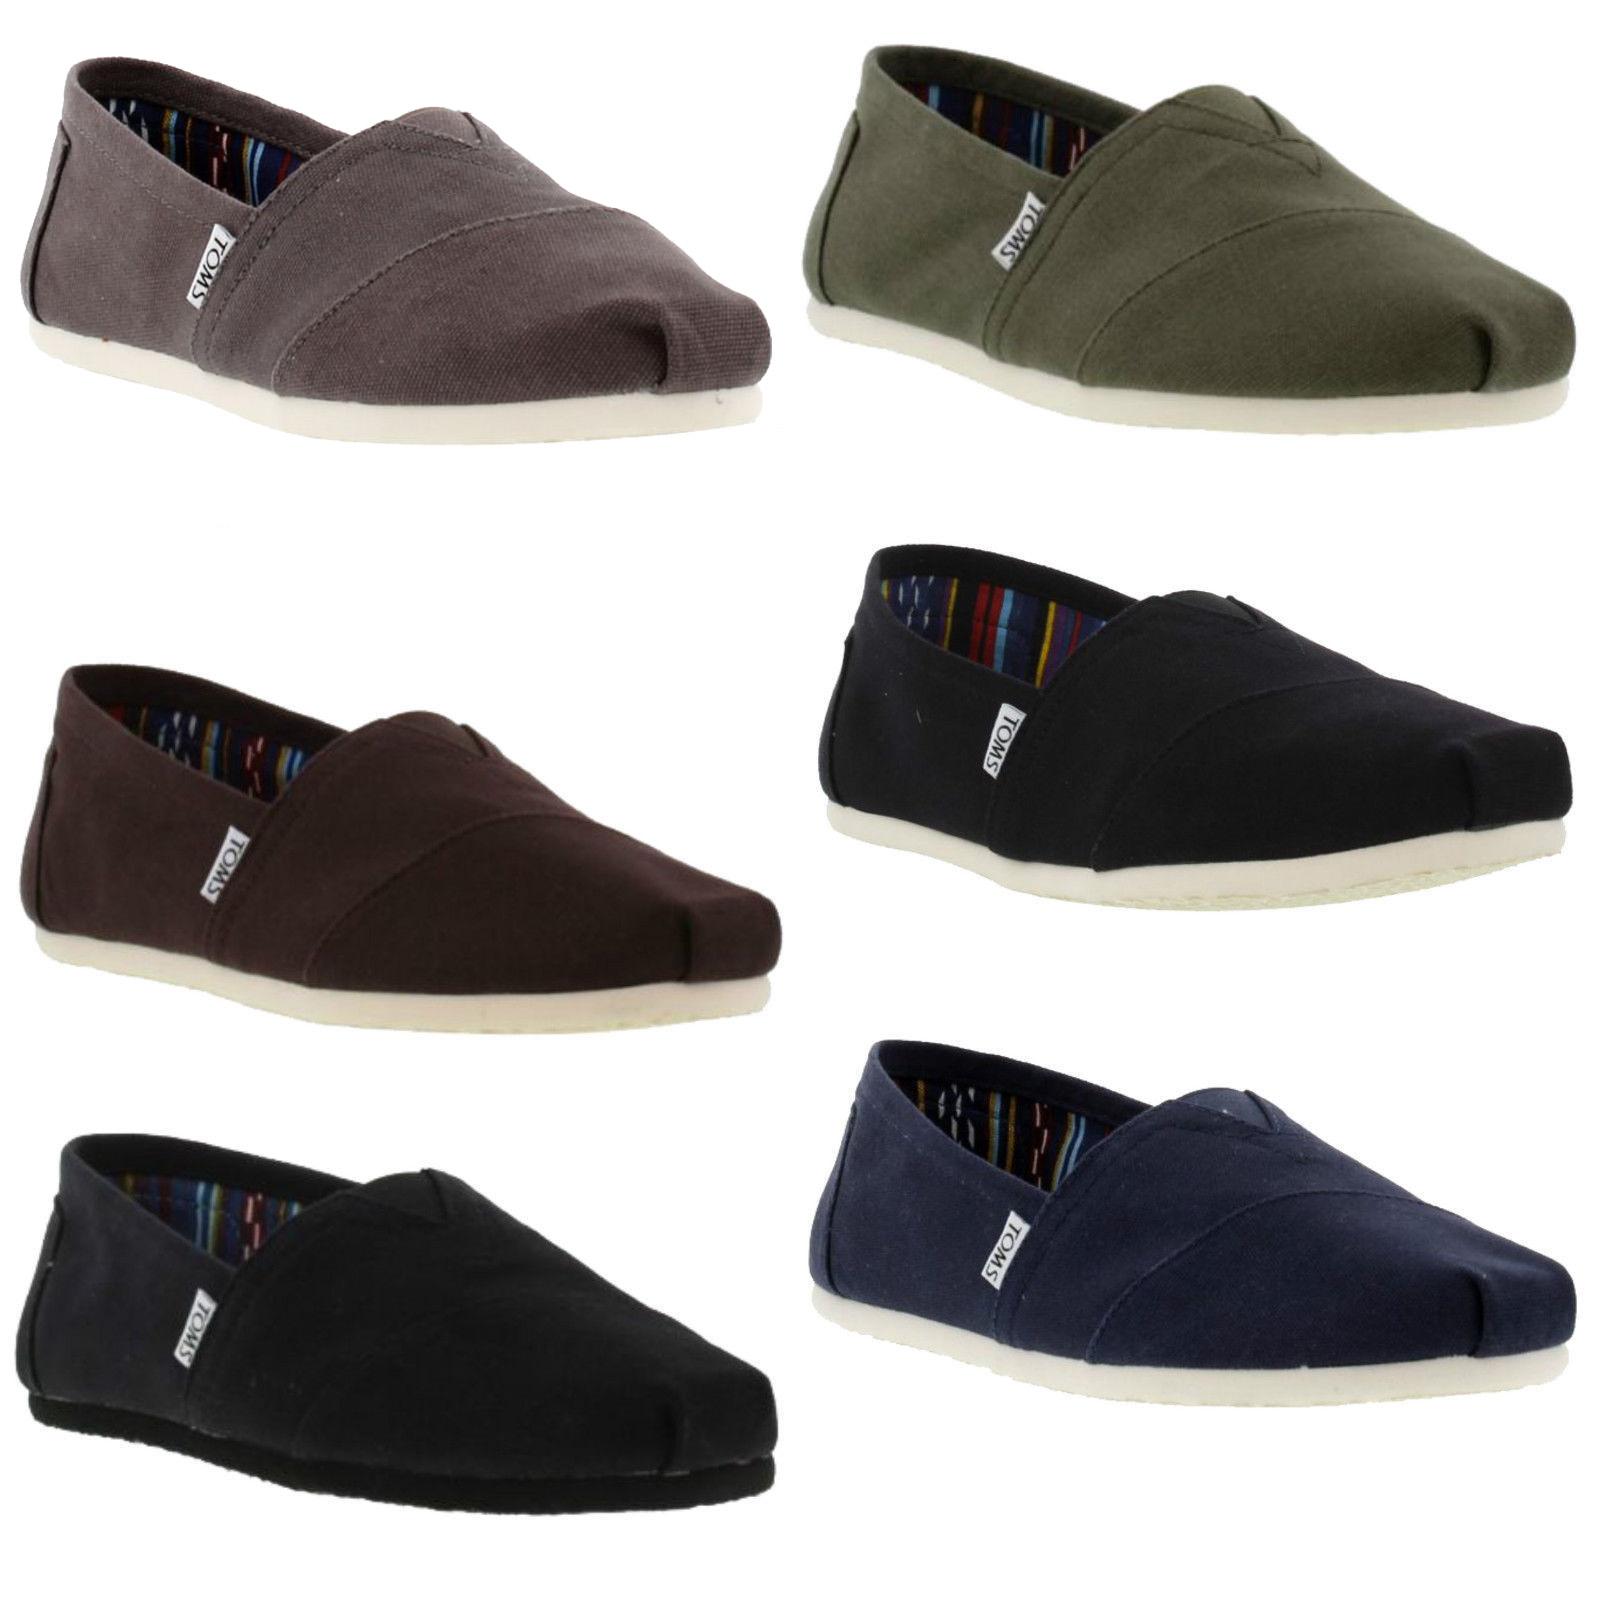 02c9d406441 Details about Toms Classics Mens Canvas Slip On Espadrilles Shoes Size UK  6-12